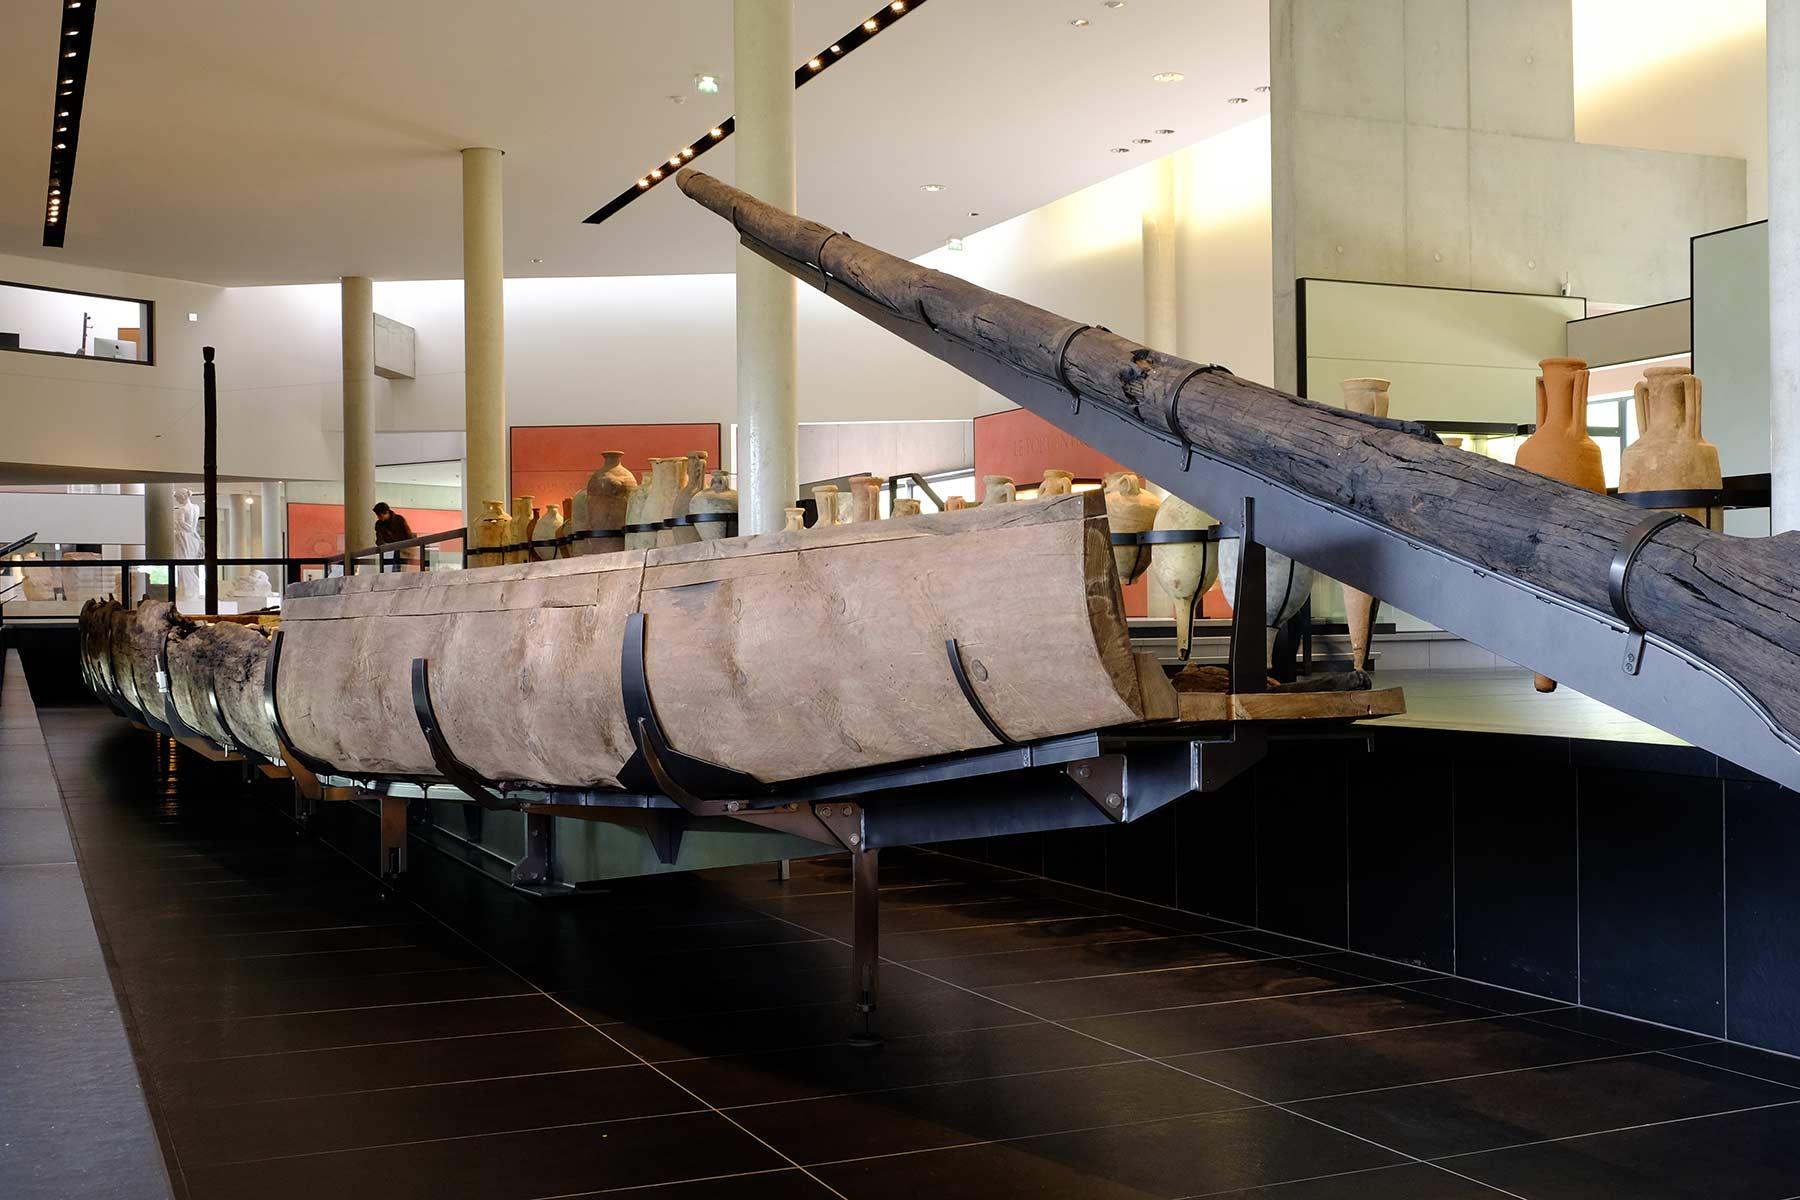 2000 Jahre altes Frachtschiff Arles-Rhône 3 im Musée de l'Arles Antique in Arles, Frankreich